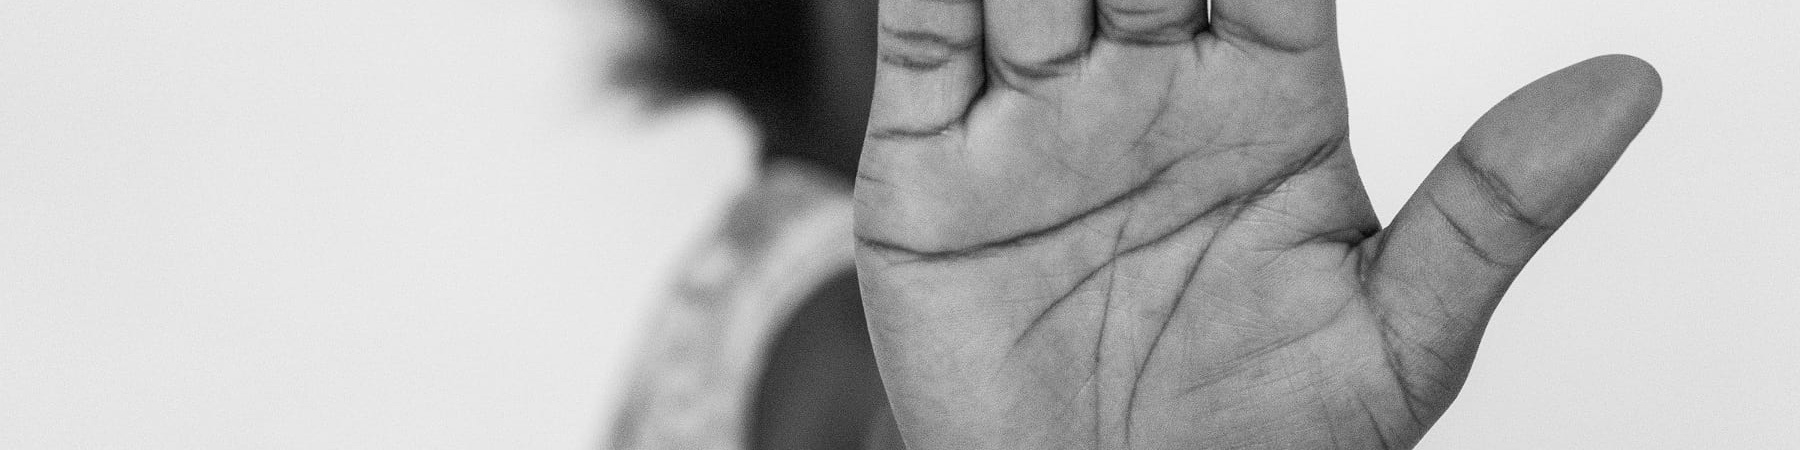 In primo piano la mano aperta in segno di stop di una ragazza nigeriana. Dietro la mano si intuisce un profilo di donna